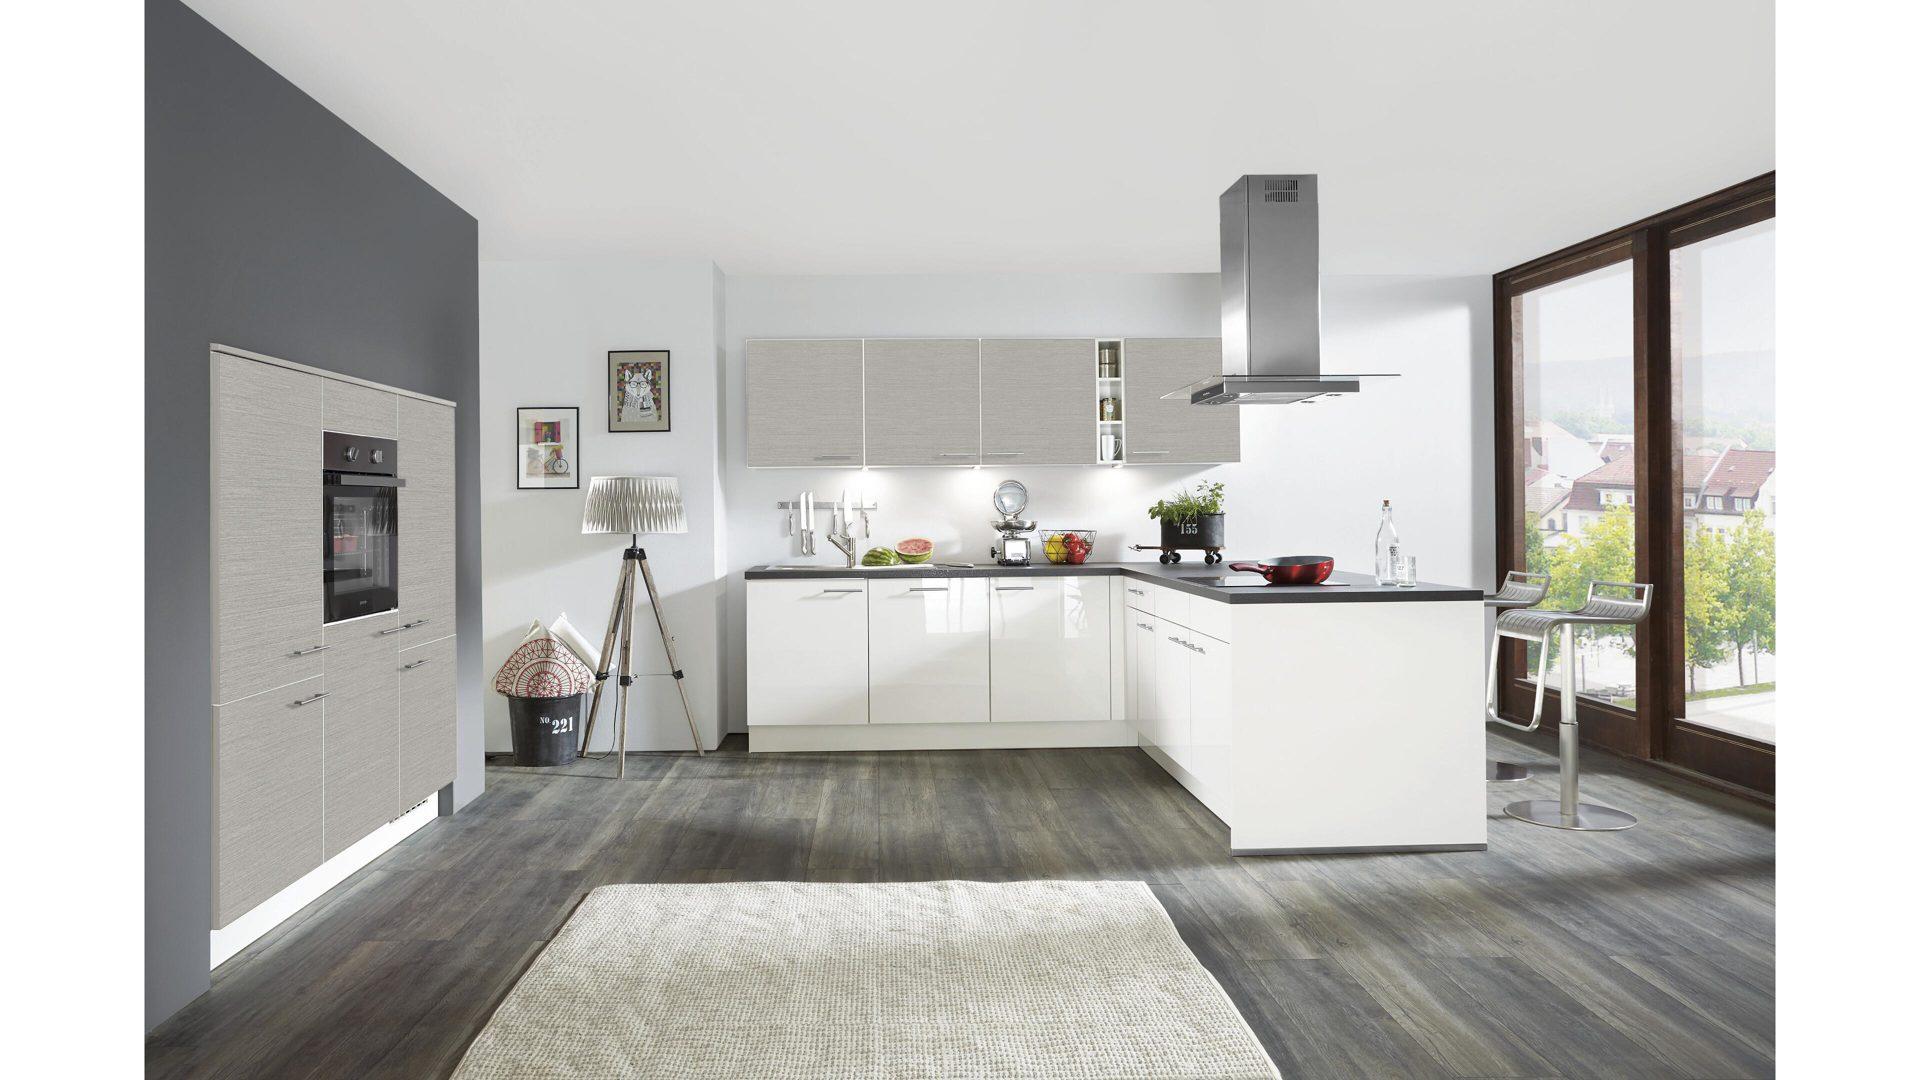 Möbel Bernskötter Mülheim Räume Küche Einbauküche Einbauküche